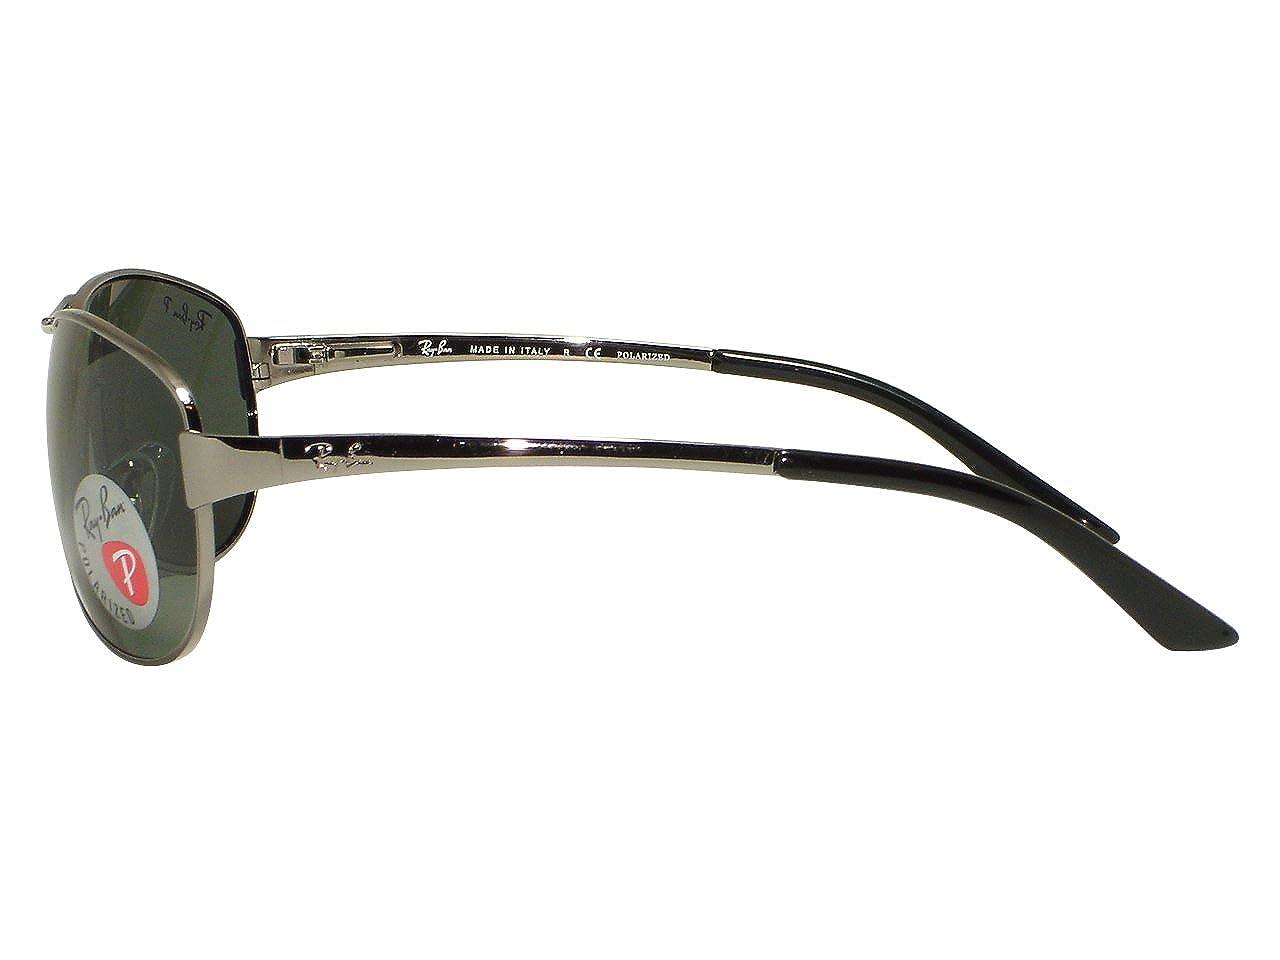 877ea58446e29 Ray Ban Rb3342 Warrior Sunglasses « One More Soul